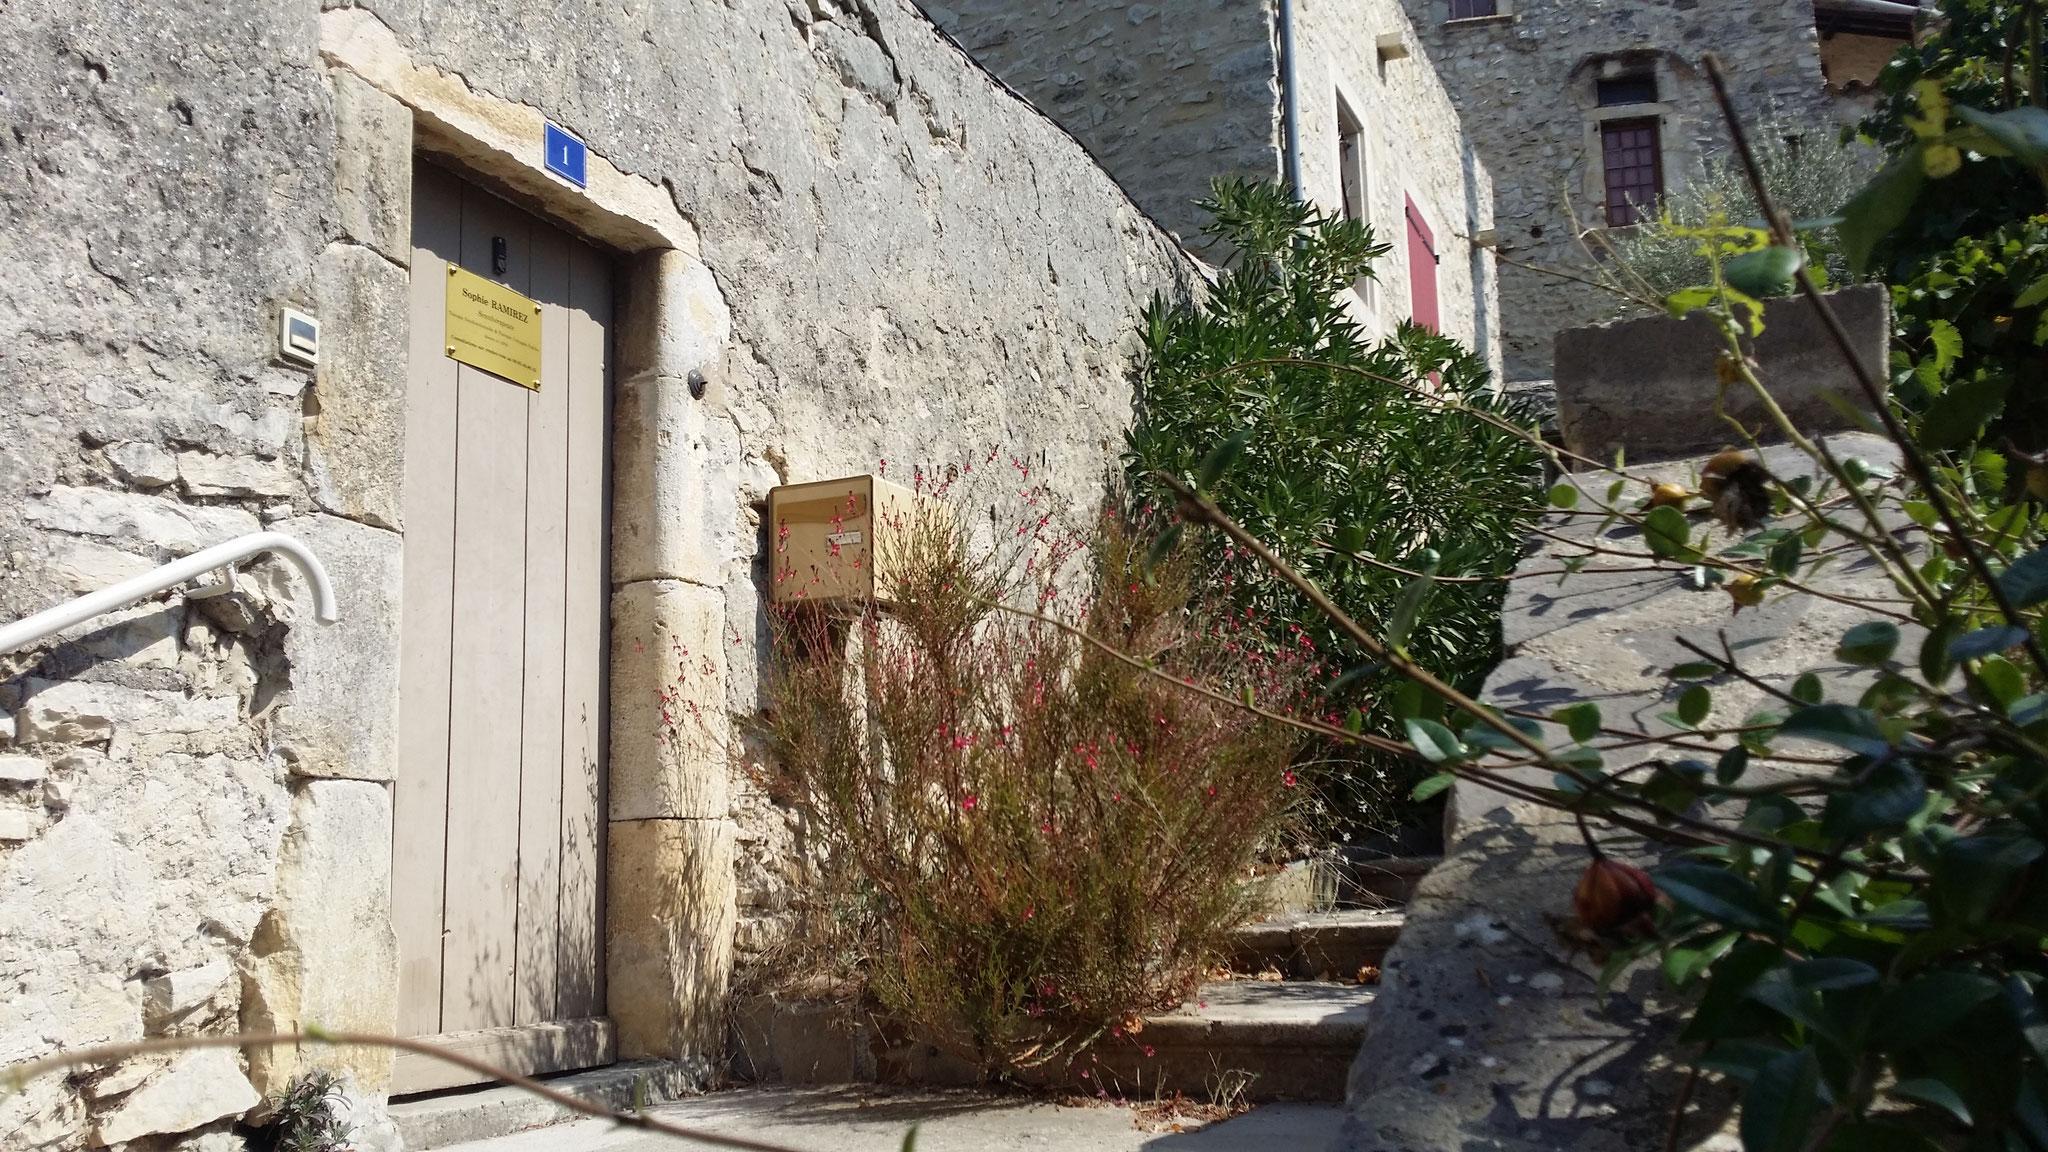 Et si vous preniez le temps d'arpenter les rues du vieux village avant de repartir ?